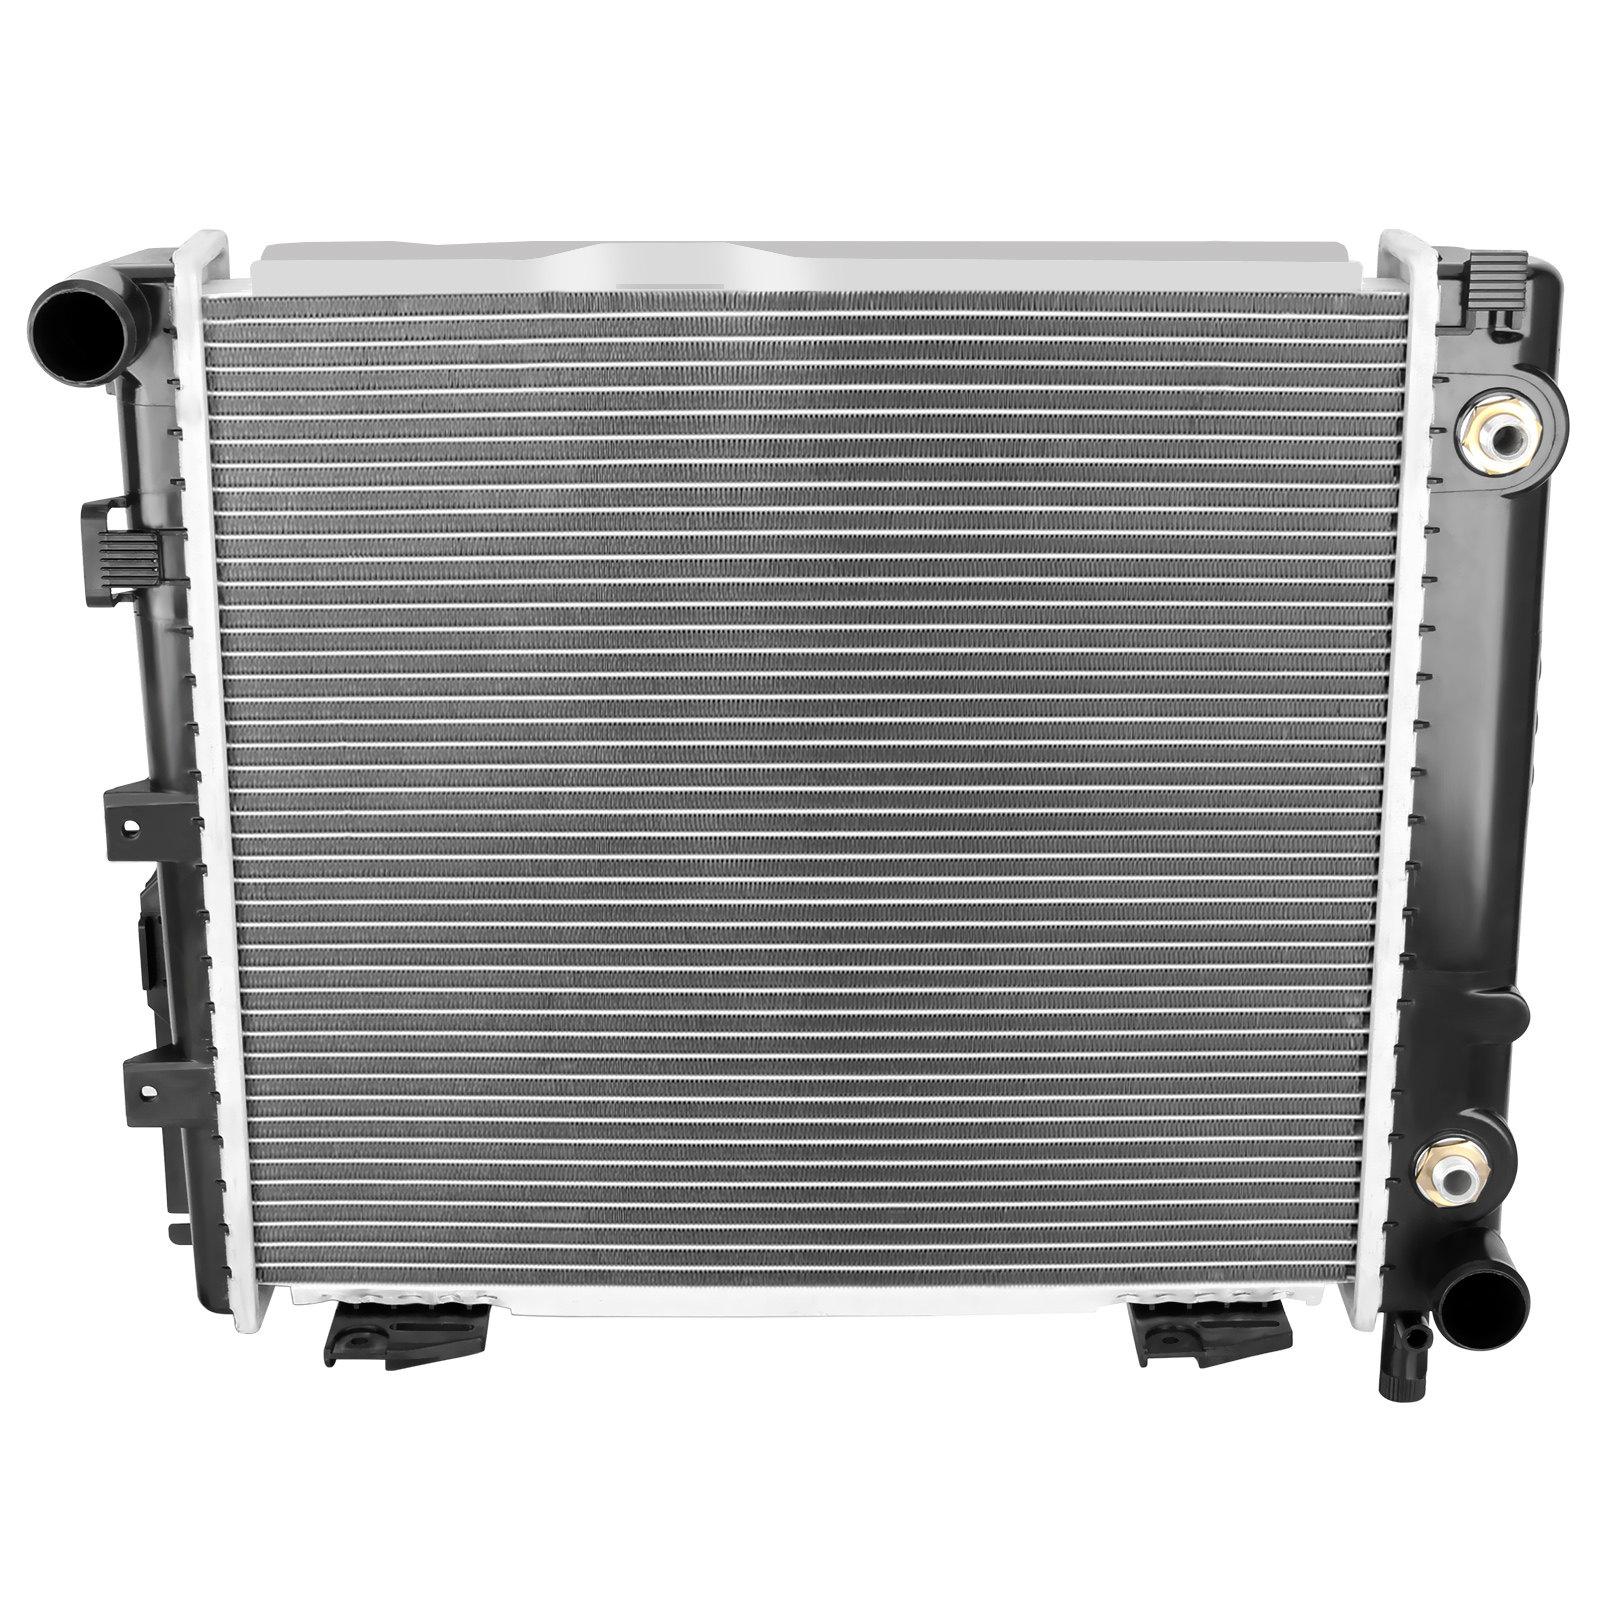 MA 9C1, 1C1, 1Y7 Kühler Wasserkühler Motorkühler VW BEETLE 98- 1.4 i 16V